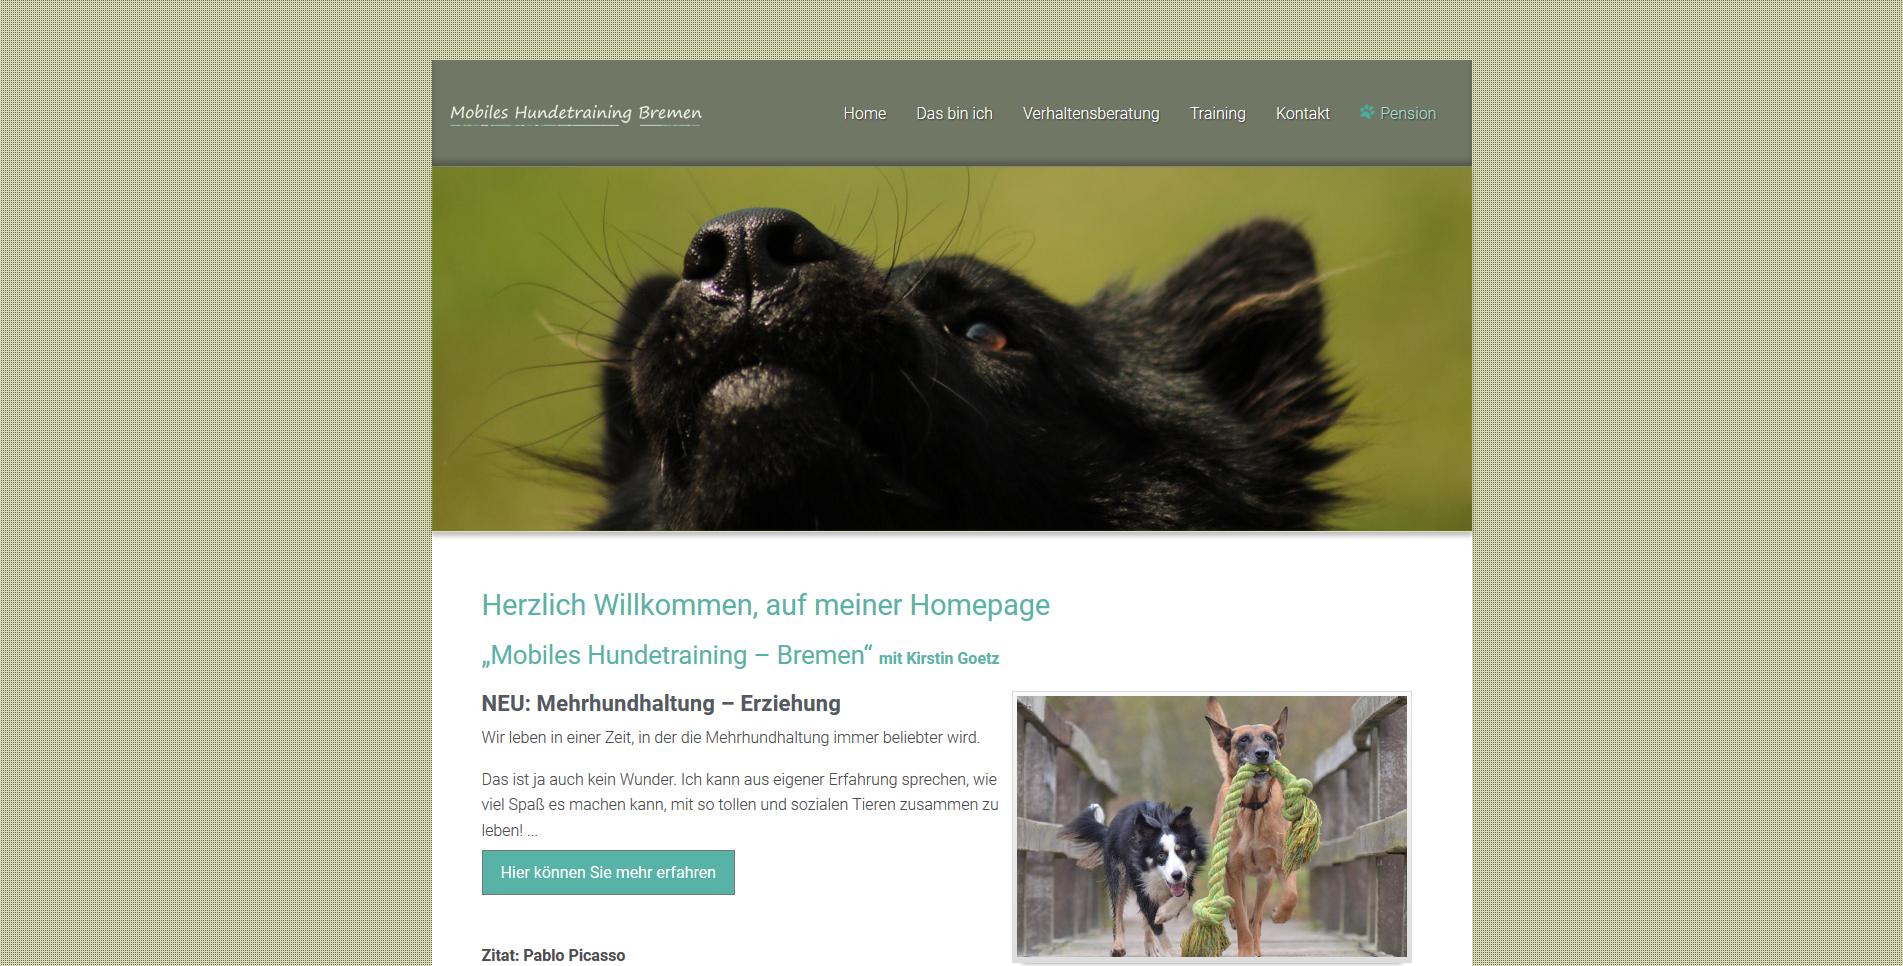 Mobiles Hundetraining Bremen